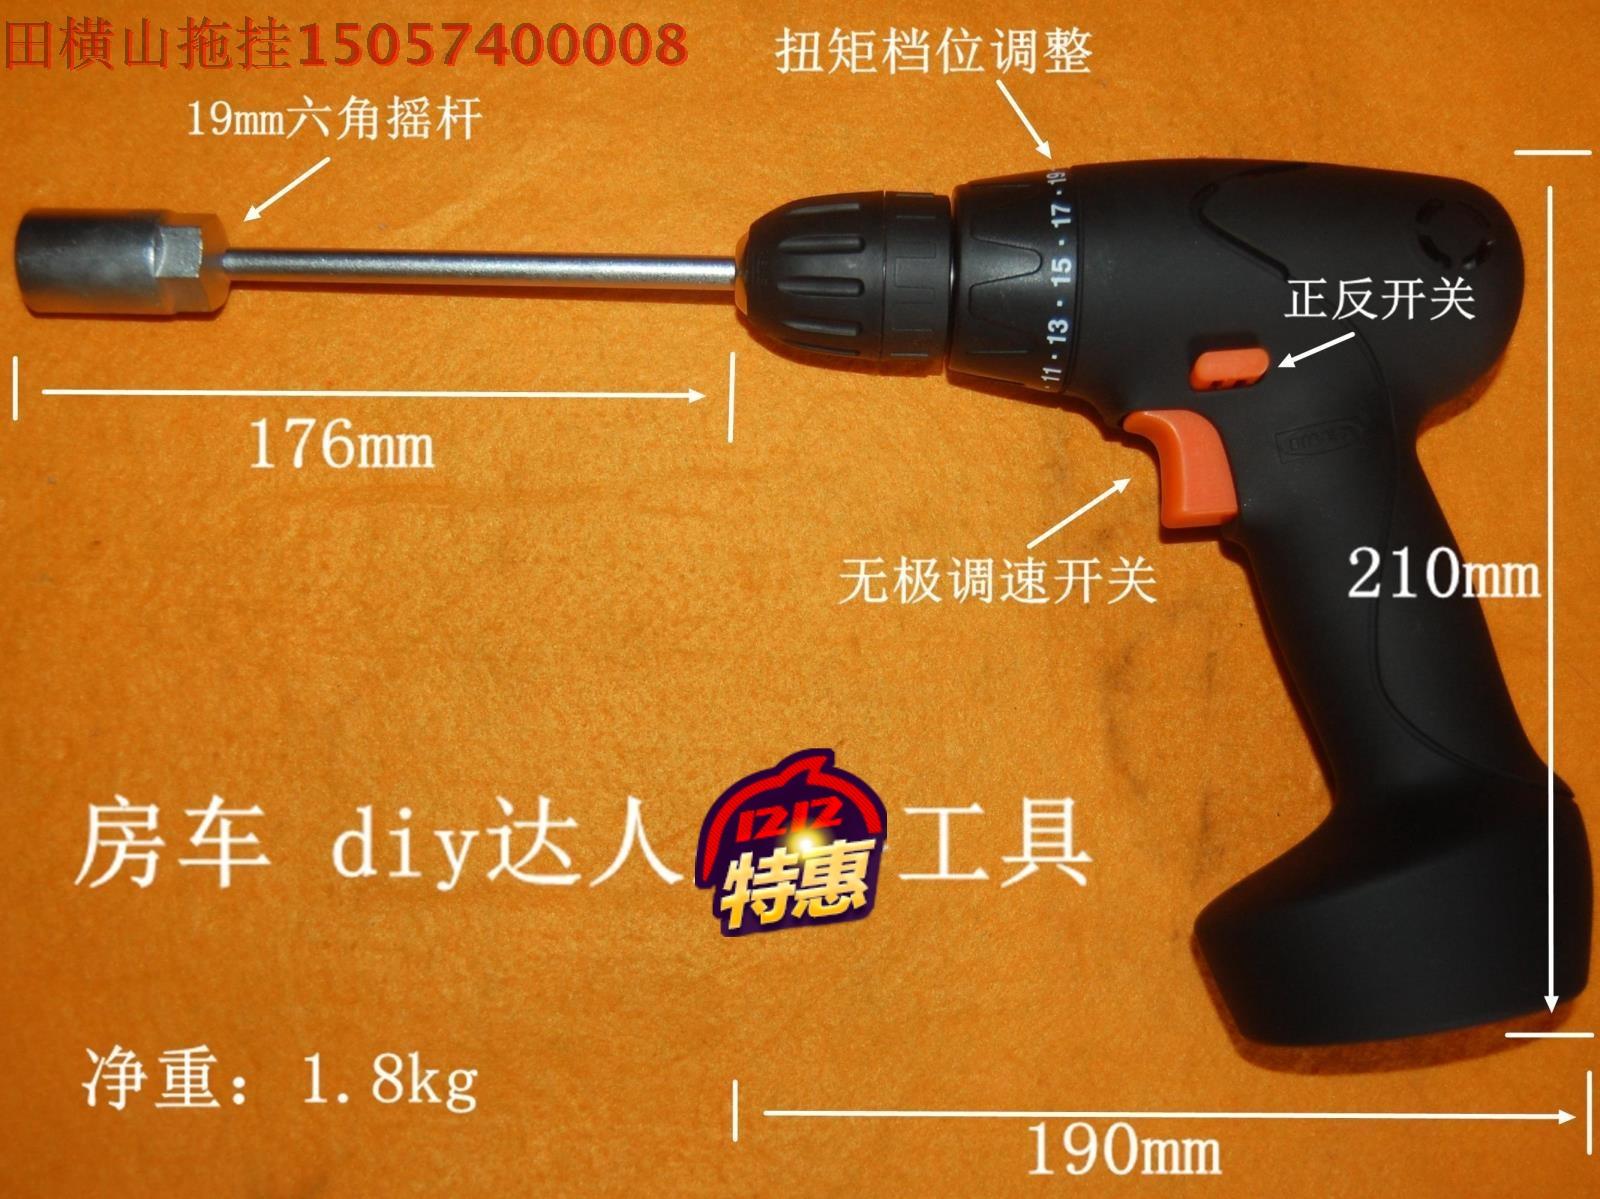 FIXA электрический отвертка / дрель дом автомобиль электрический встряска поляк DIY многофункциональный инструмент